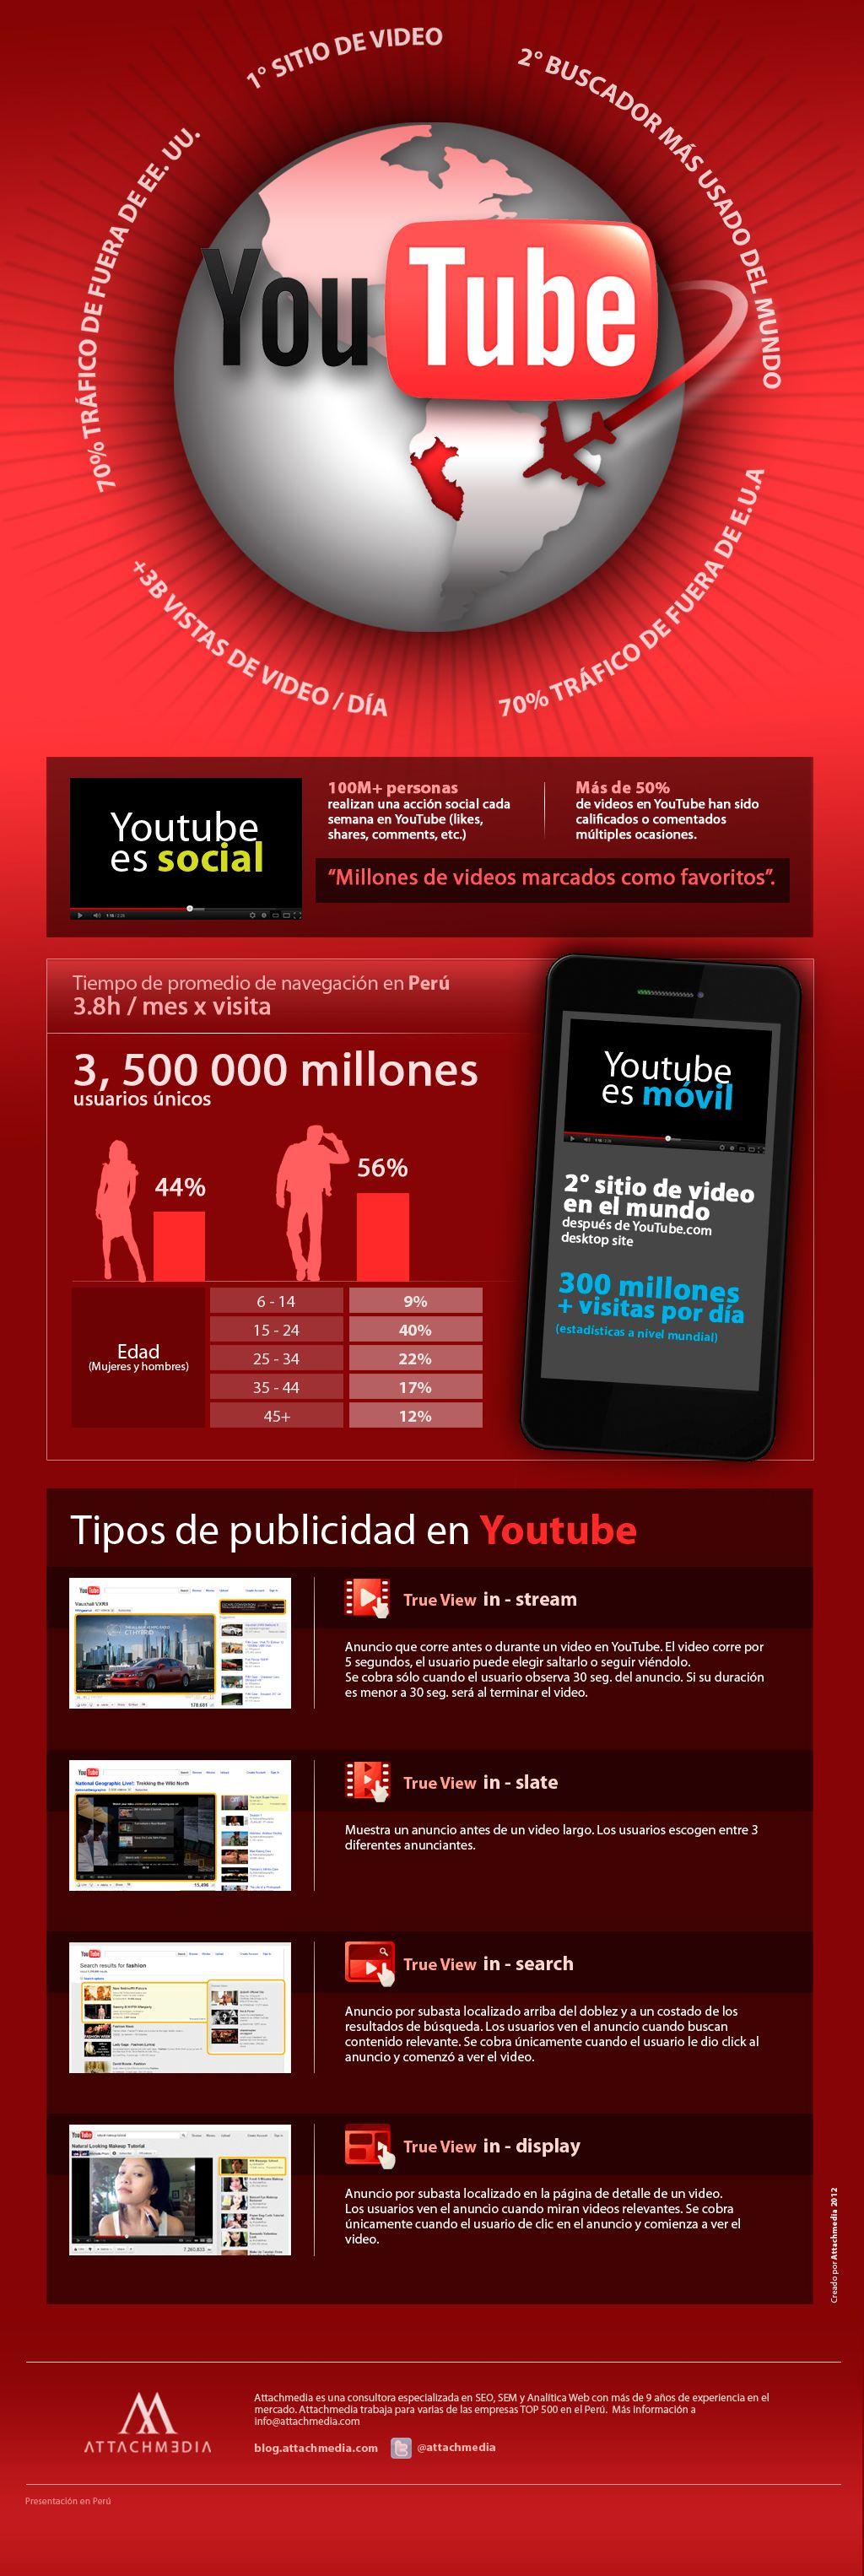 Tipos De Publicidad En Youtube Infografia Infographic Socialmedia Marketing Tics Y Formación Tipos De Publicidad Youtube Infografia